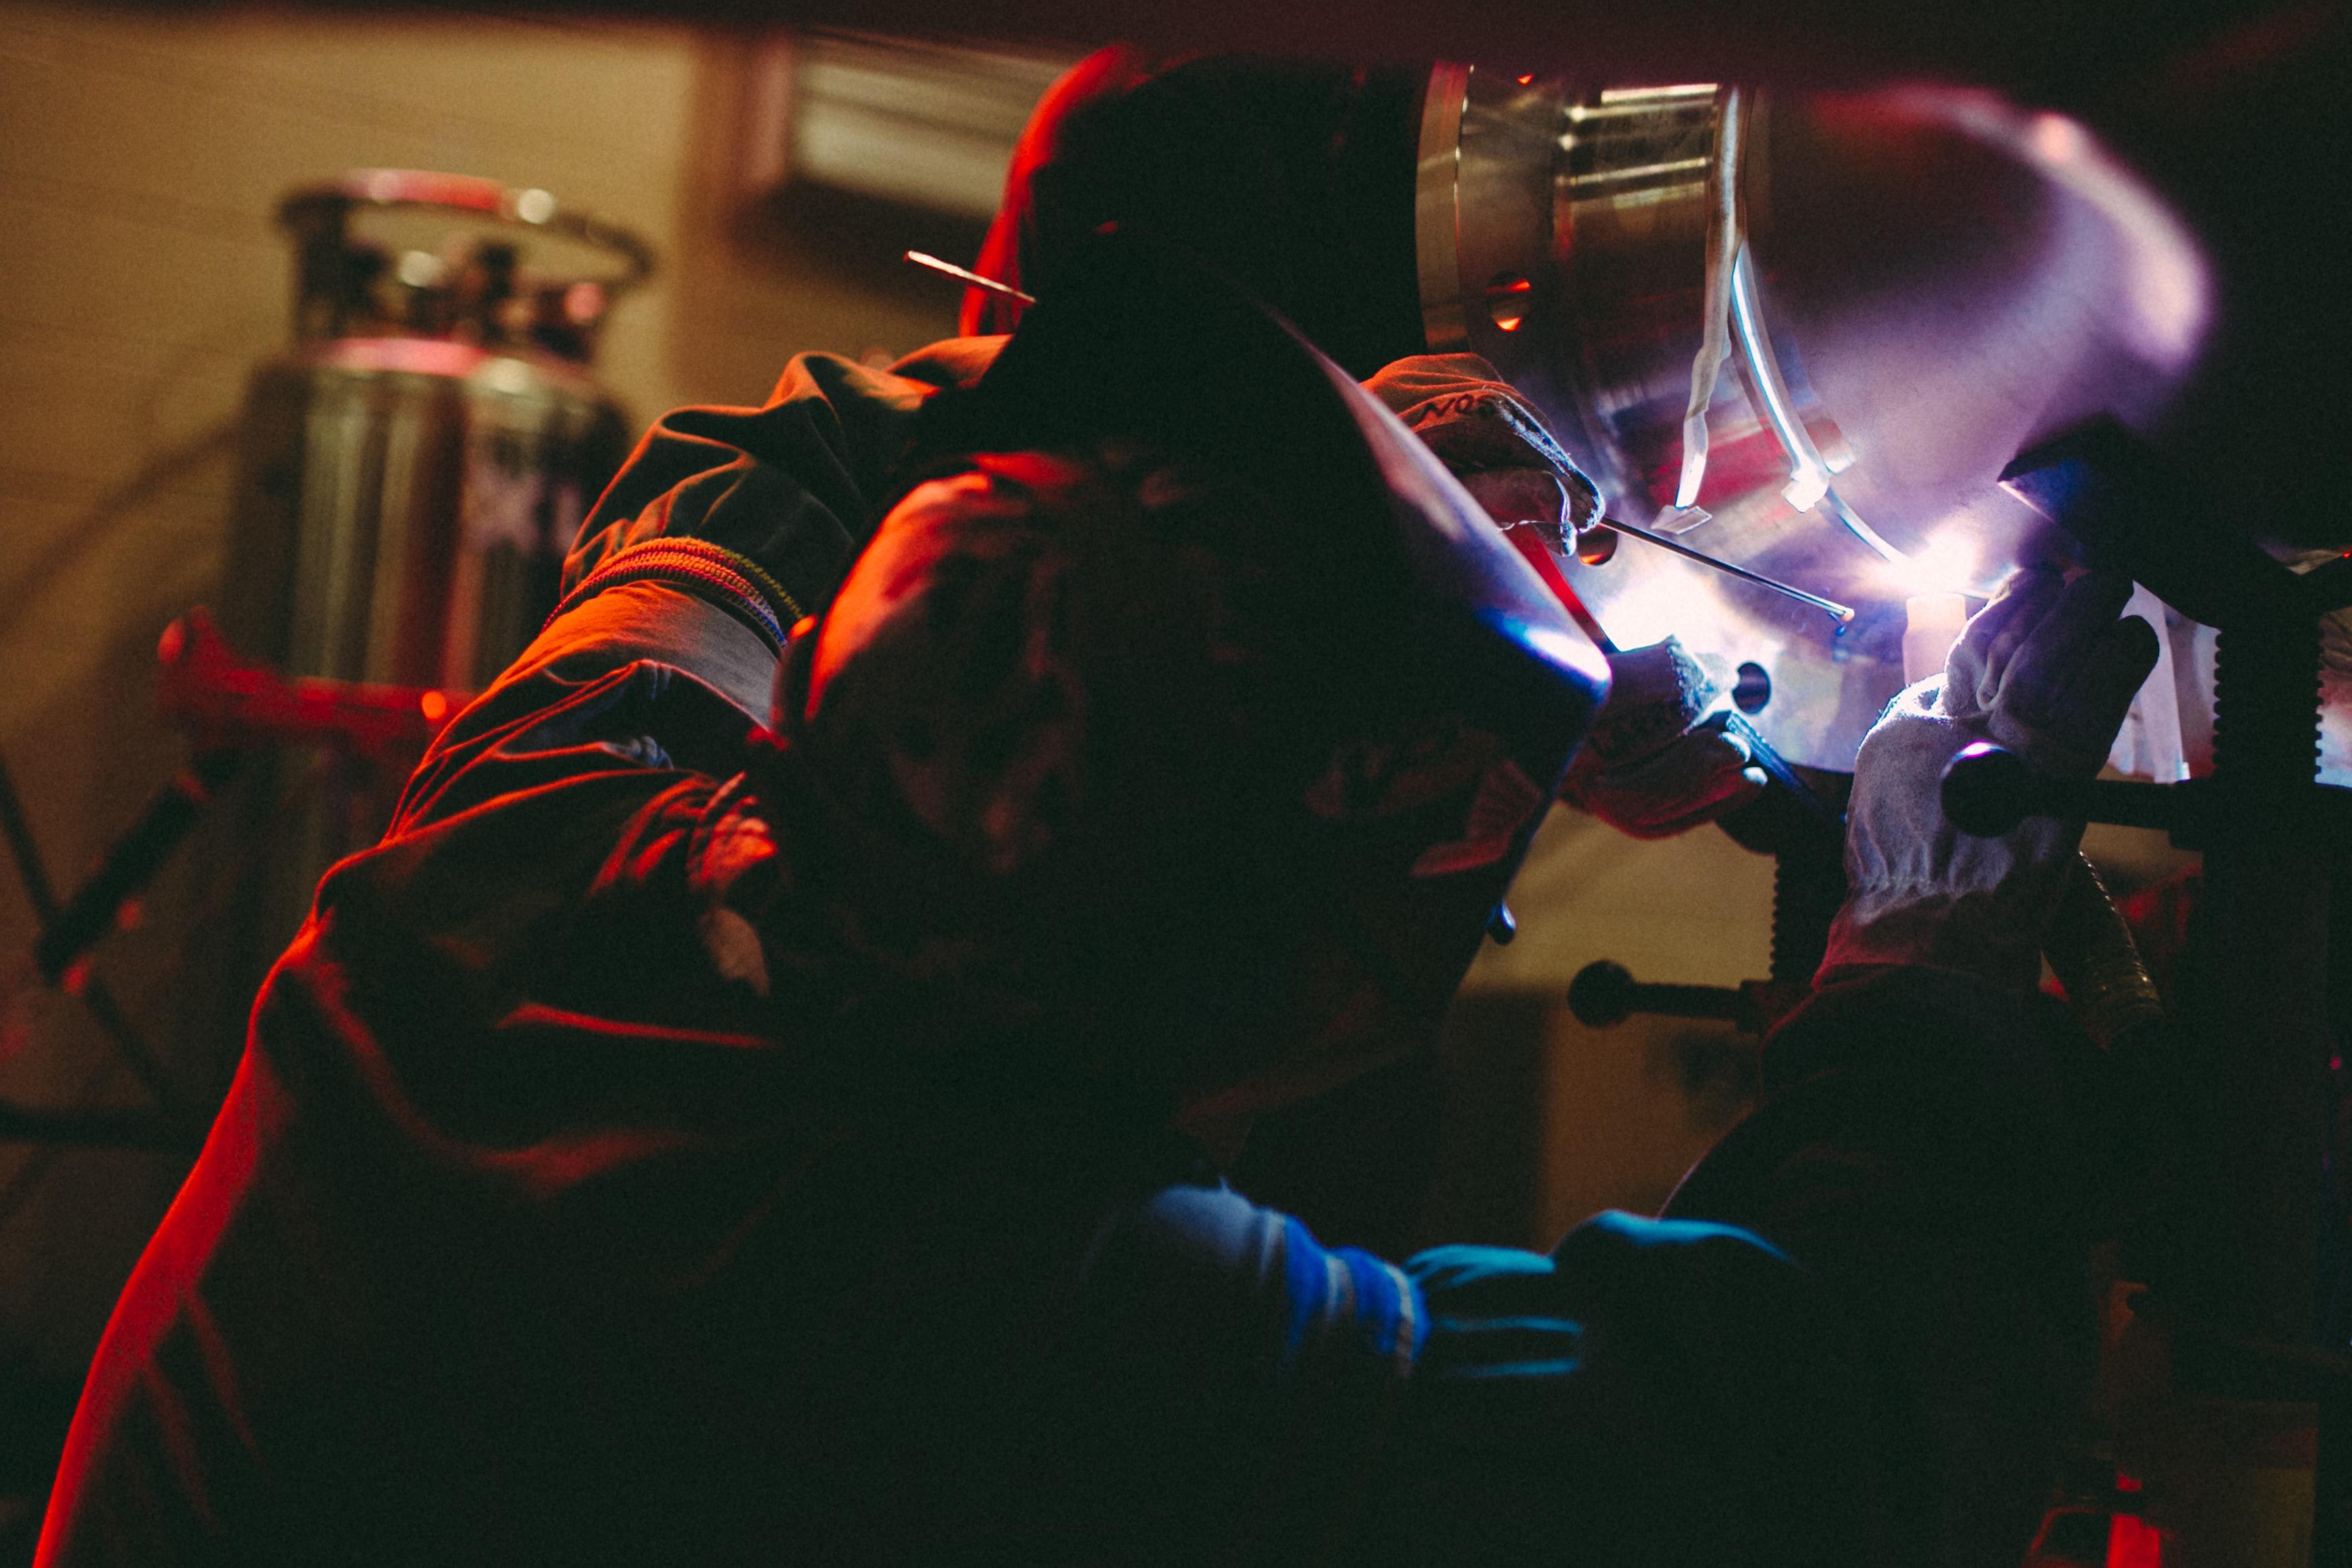 Quy trình sản xuất kết cấu thép chuyên nghiệp